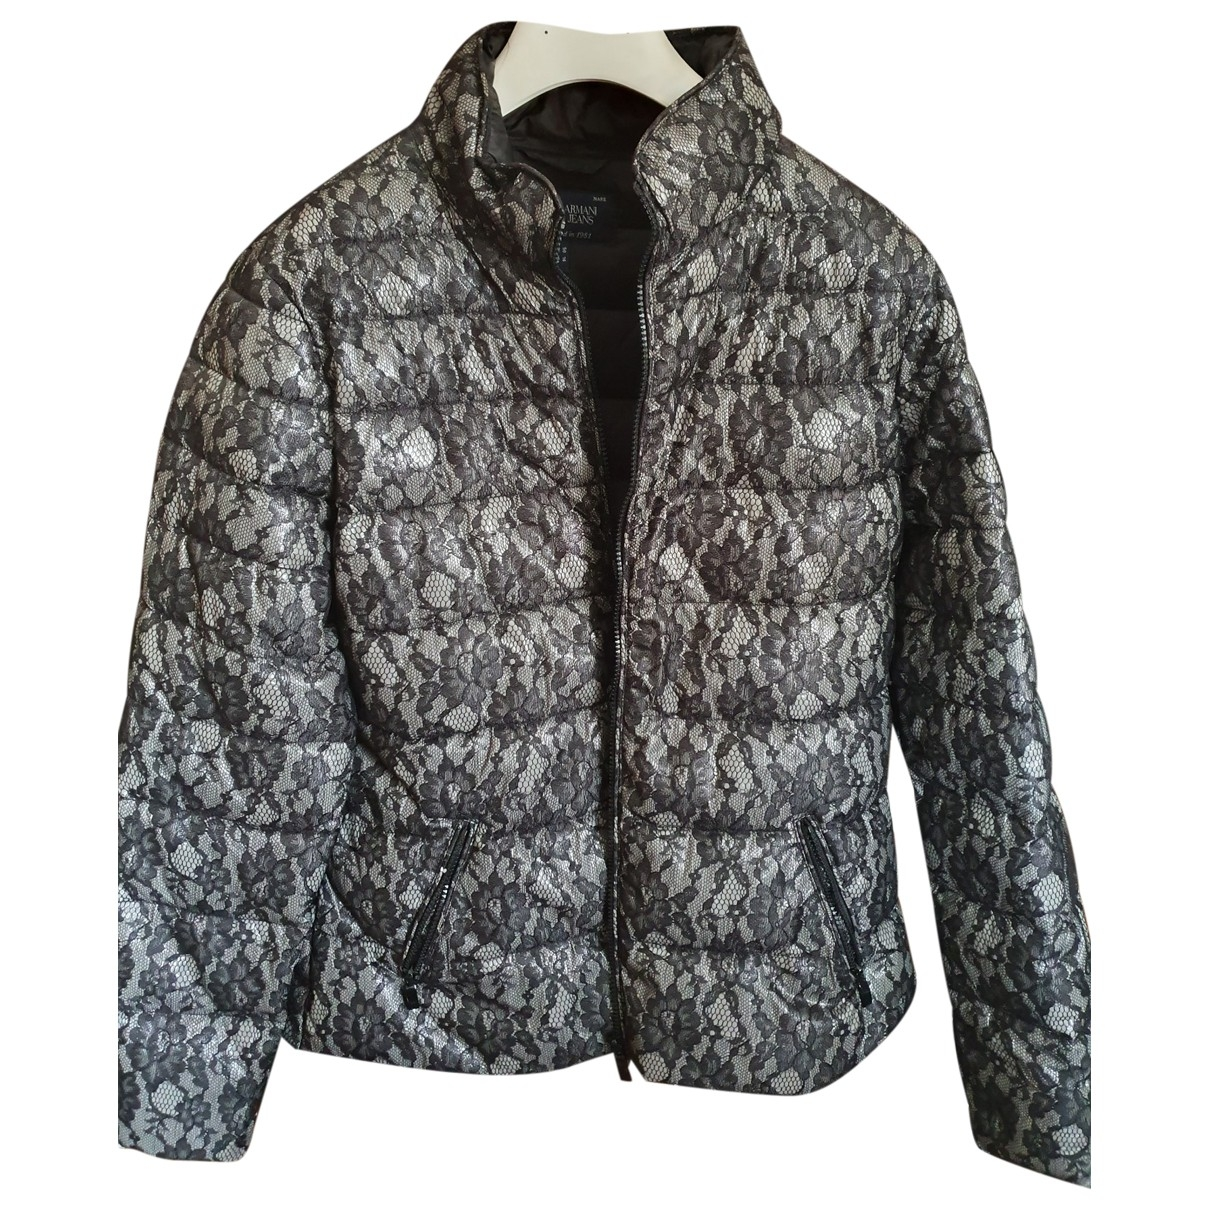 Armani Jeans \N Grey coat for Women 50-52 IT